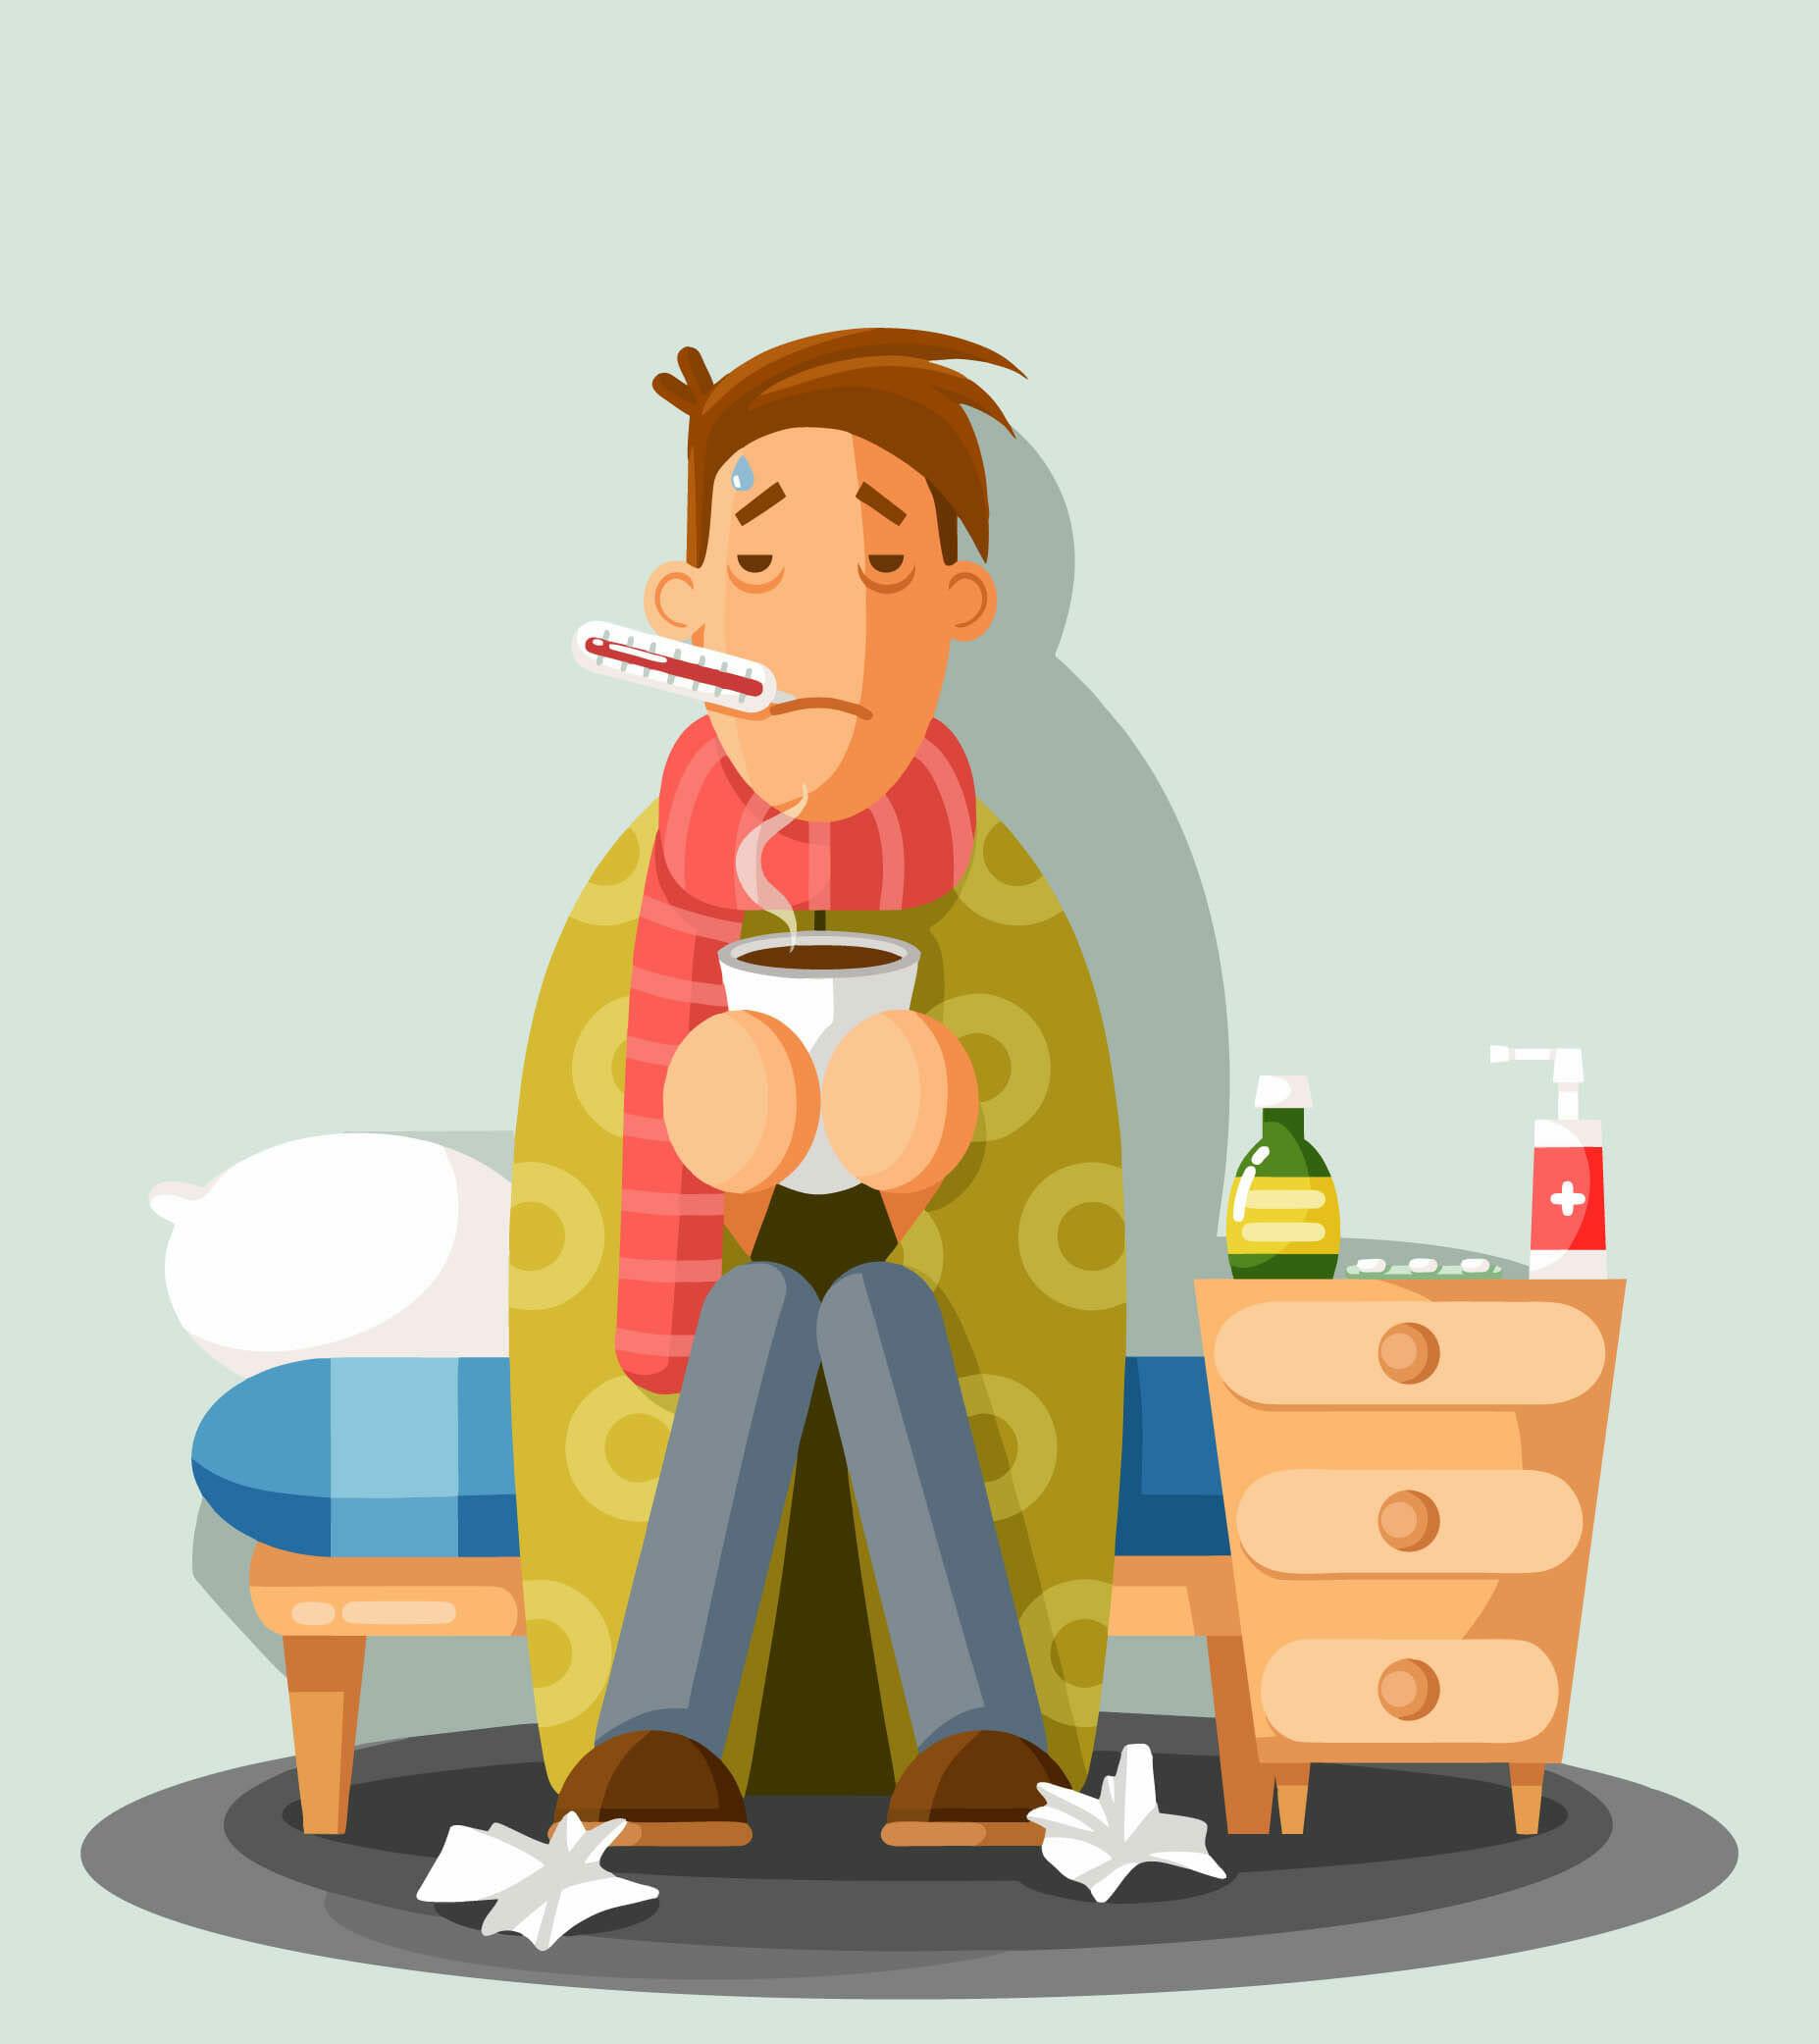 Na rysunku widać mężczyznę, który jest przeziębiony